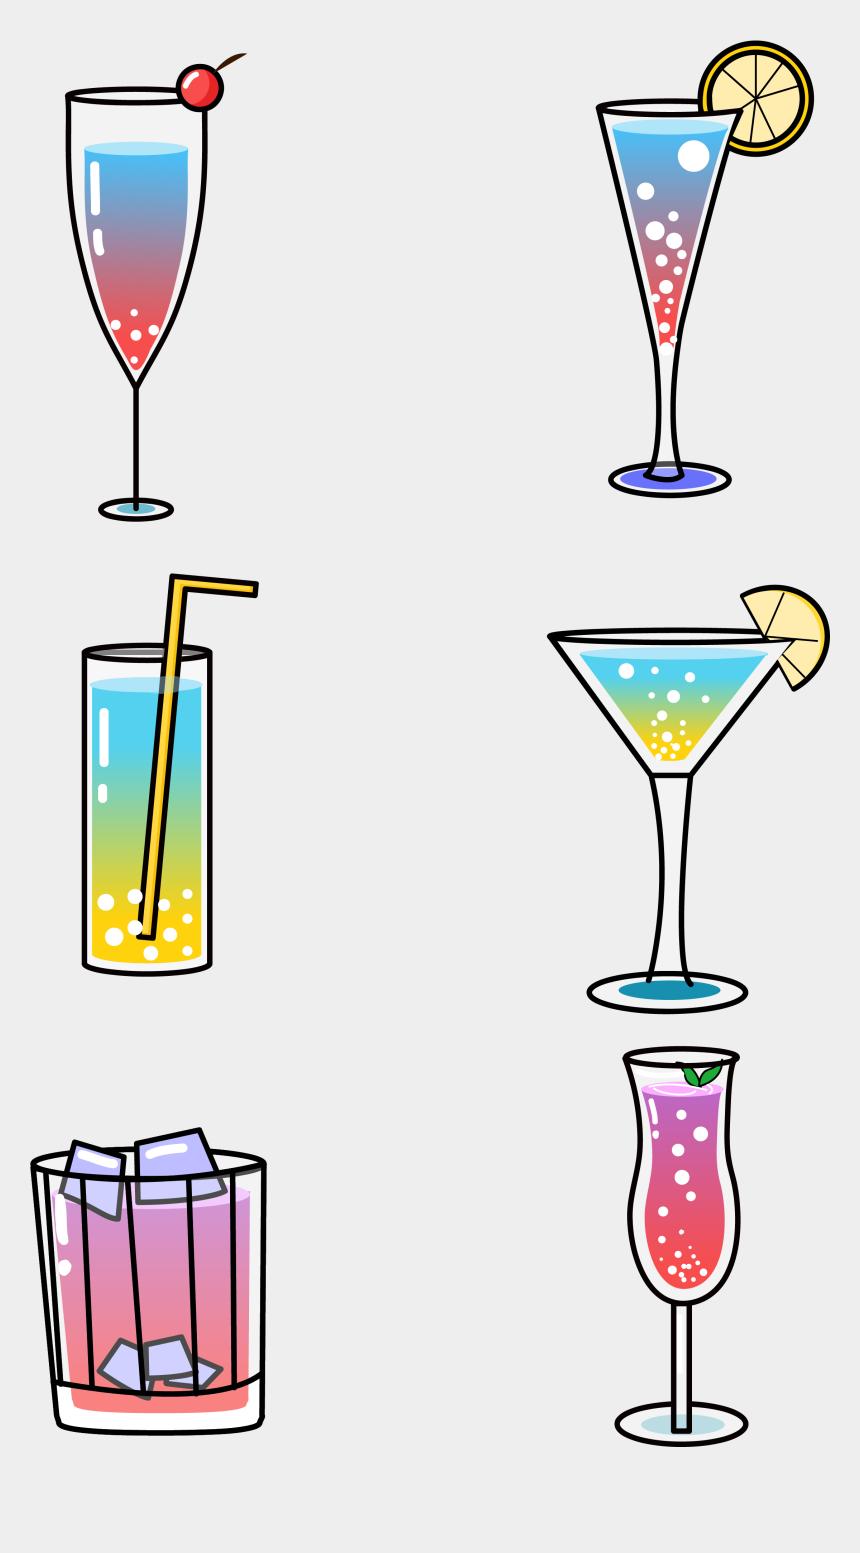 beverages clipart, Cartoons - Beverages Drinks Wine Food Png And Vector Image - Hình Vẽ Đồ Ăn Cute